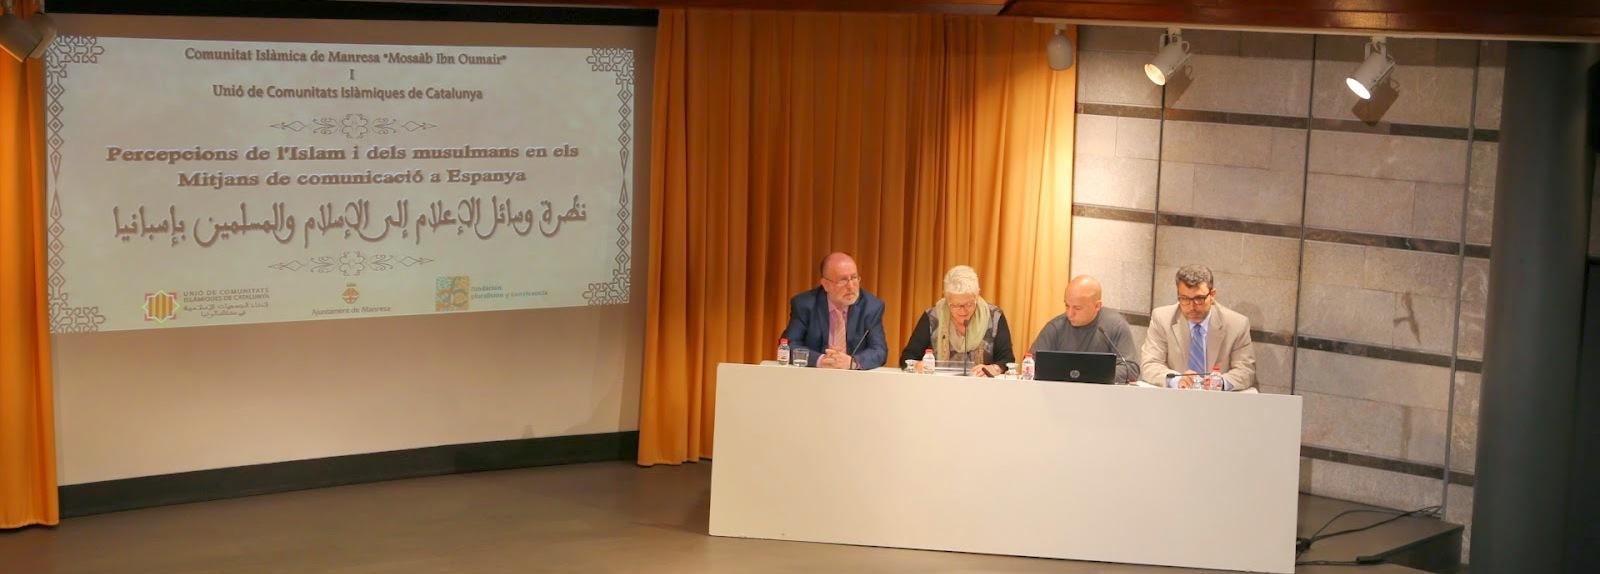 Percepción de El Islam y los Musulmanes en los Medios de Comunicación en España